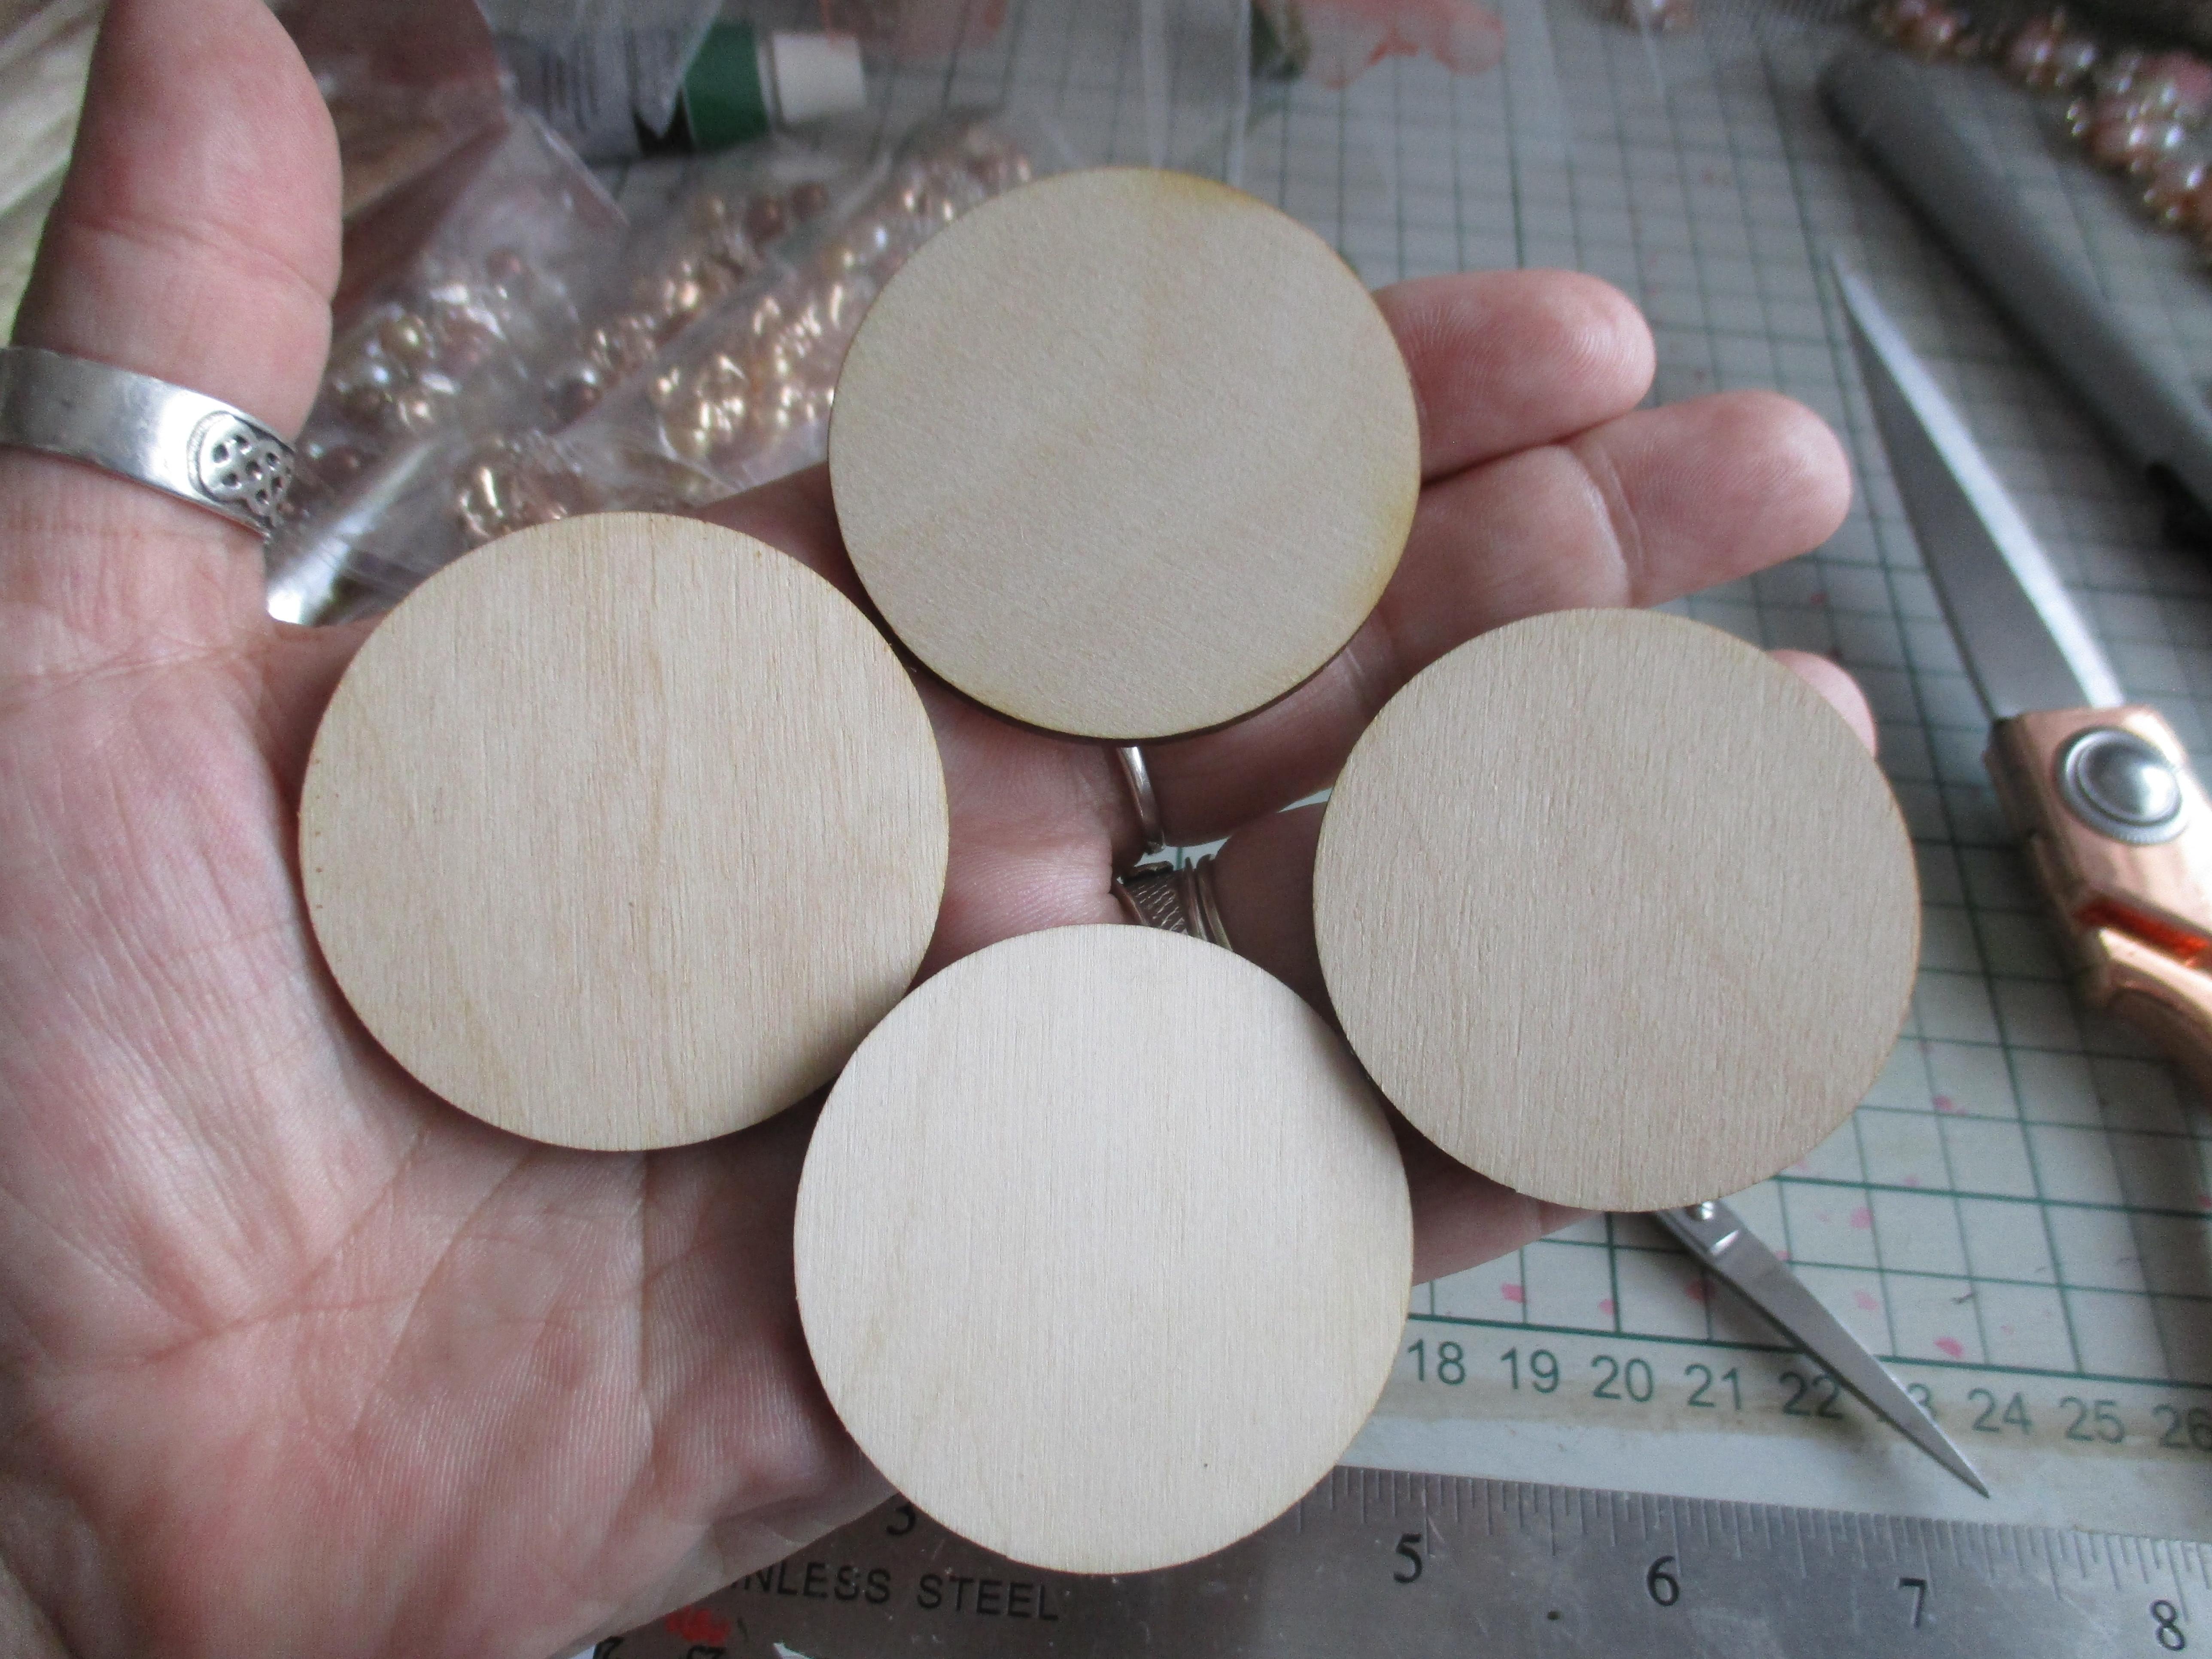 4 x 2 Inch Round Wooden Discs